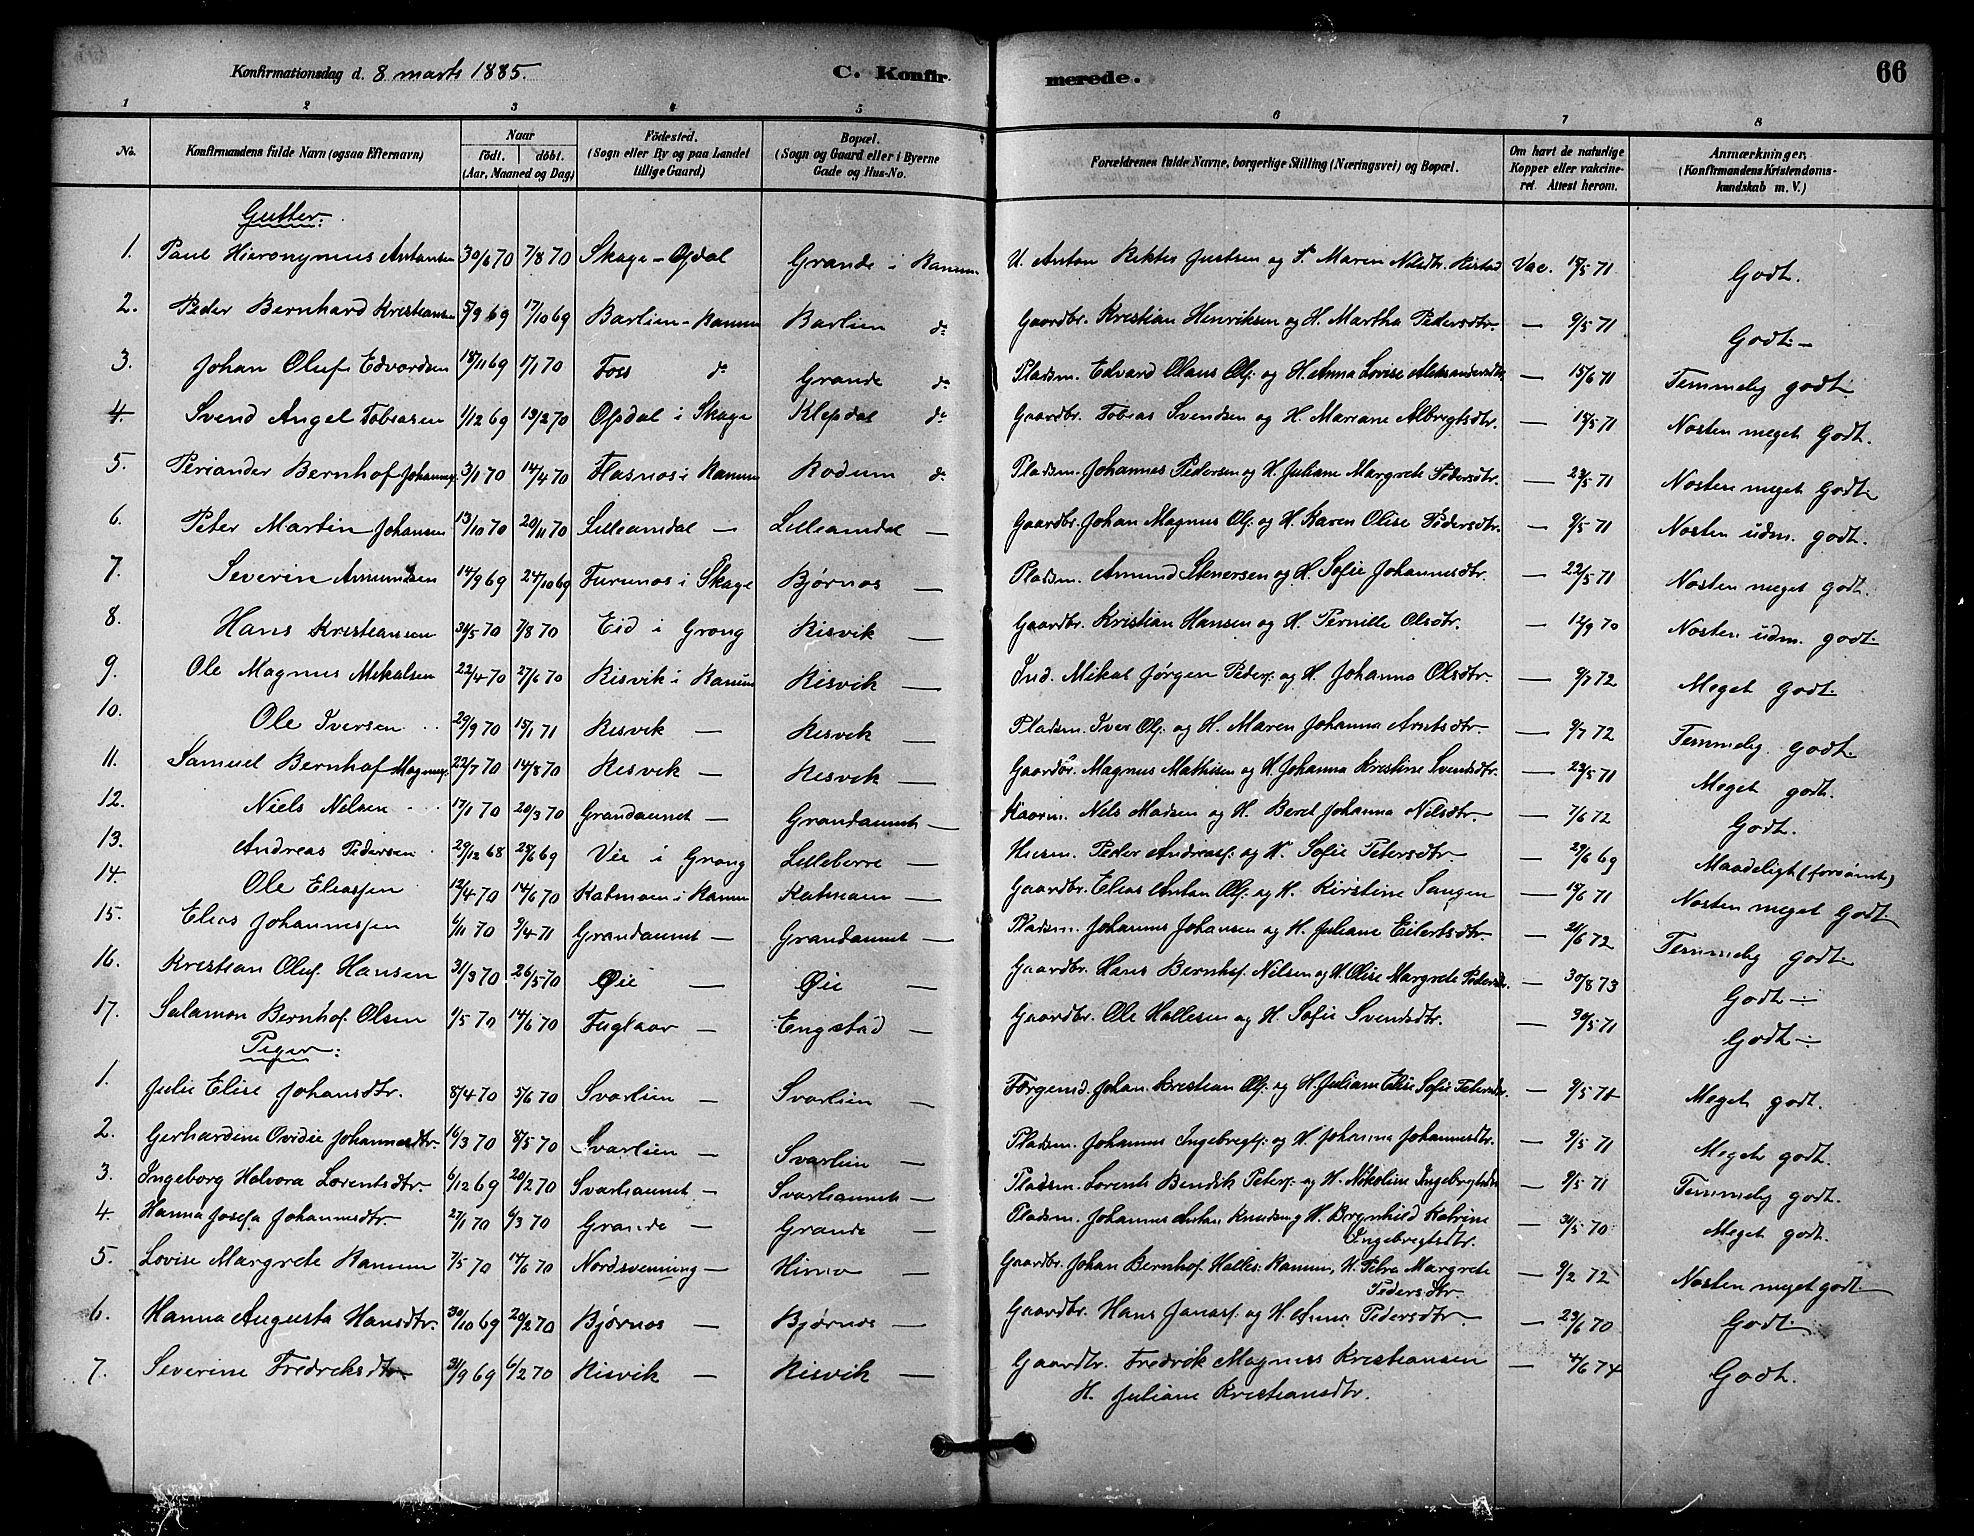 SAT, Ministerialprotokoller, klokkerbøker og fødselsregistre - Nord-Trøndelag, 764/L0555: Ministerialbok nr. 764A10, 1881-1896, s. 66